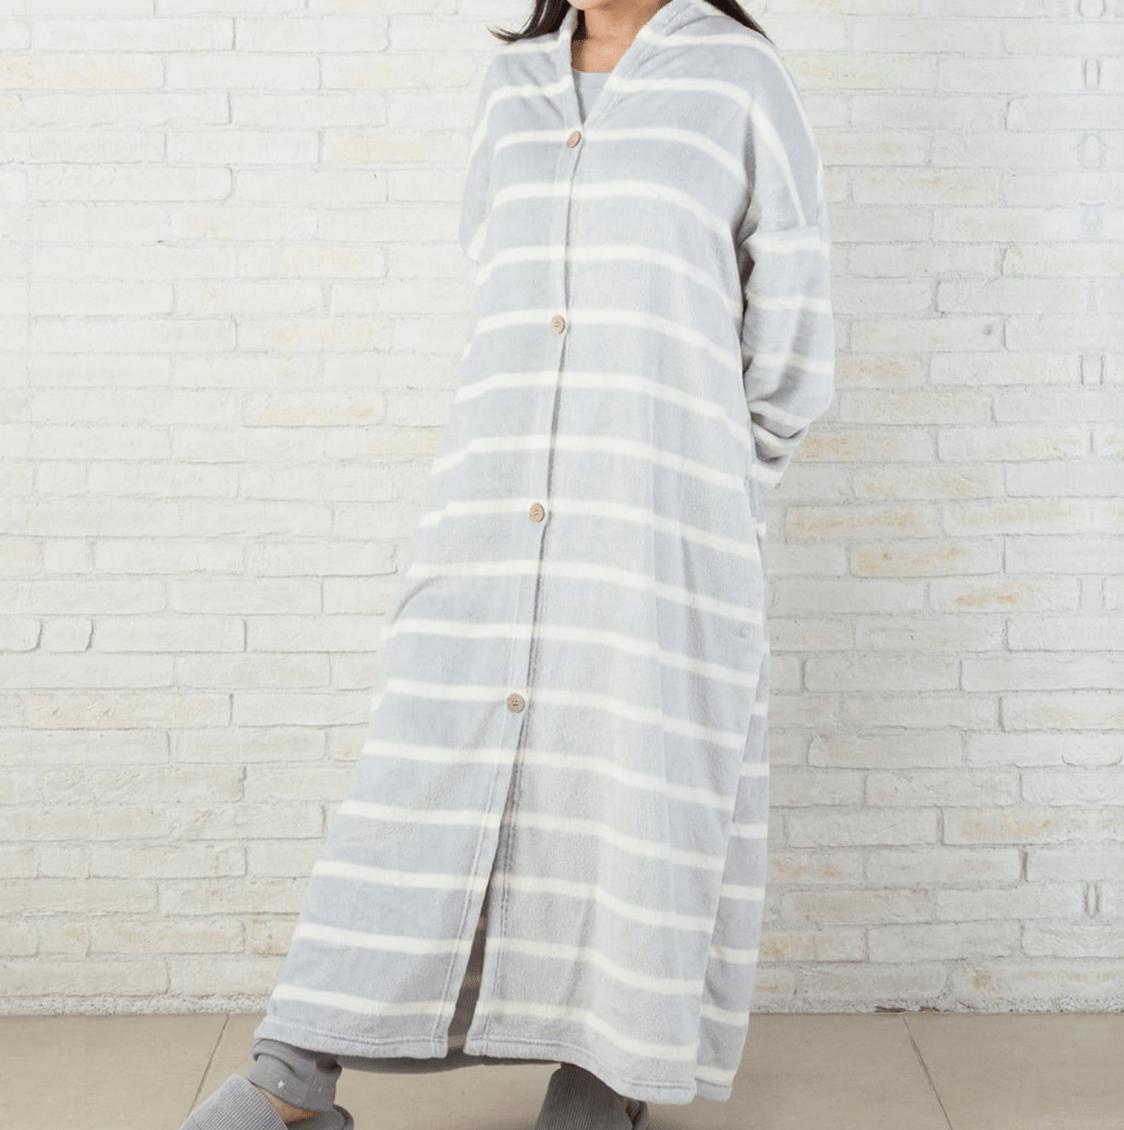 ニトリ 着る 毛布 冬は手放せない!「着る毛布」おすすめ4選|ニトリなど4製品の暖かさ...